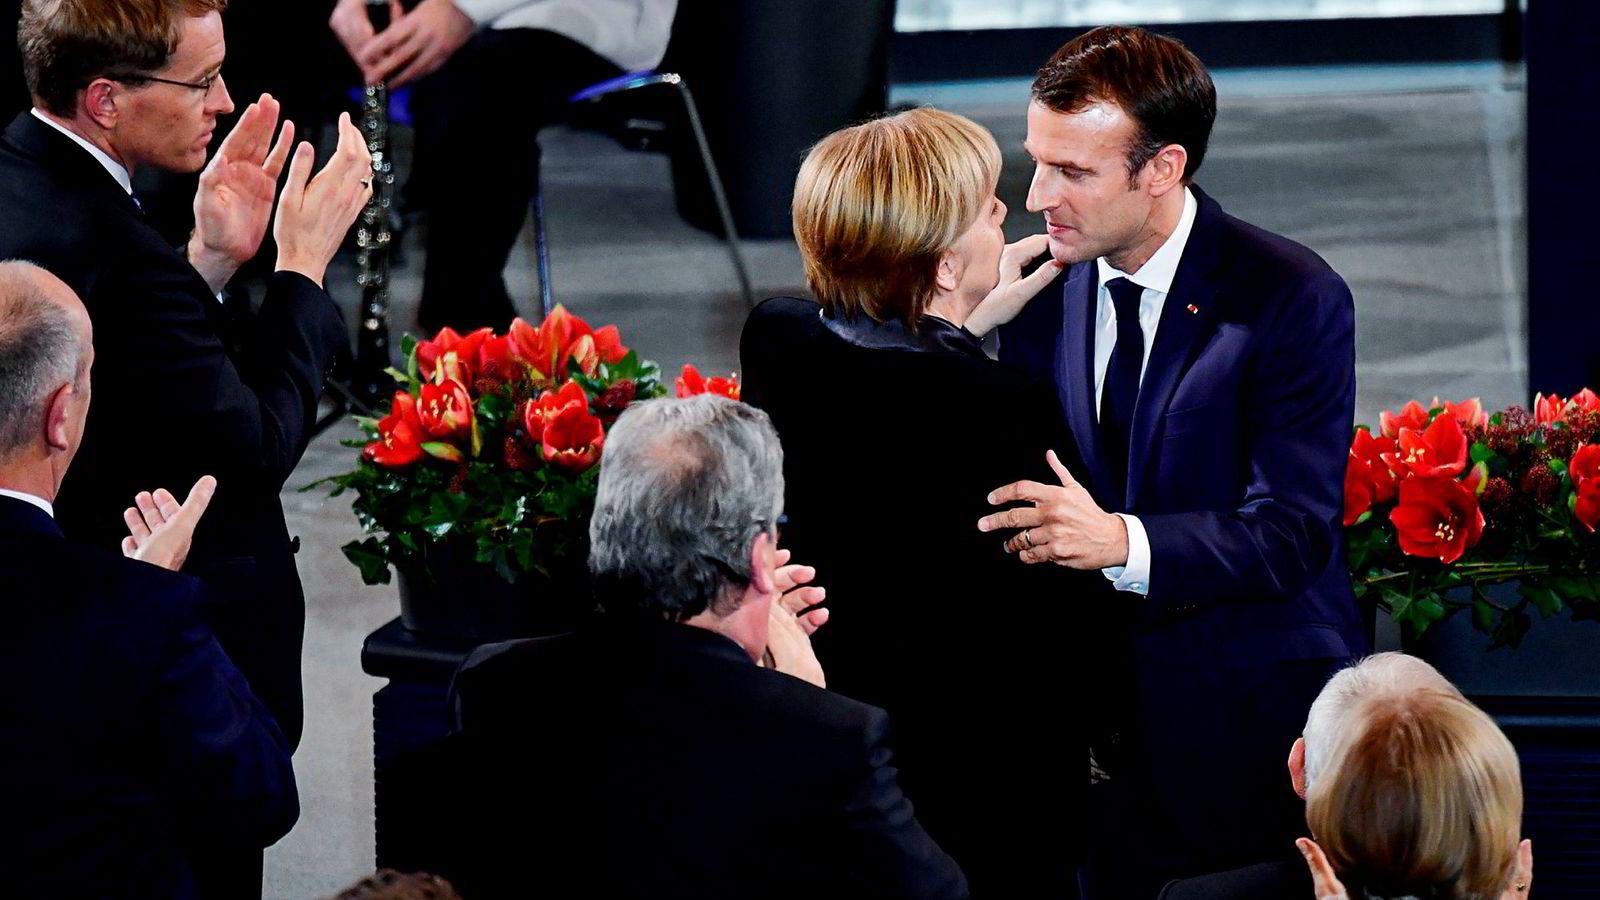 Frankrikes president Emmanuel Macron og Tysklands forbundskansler Angela Merkel er regnet som motorene i EU-samarbeidet, men begge er i øyeblikket politisk svekket.